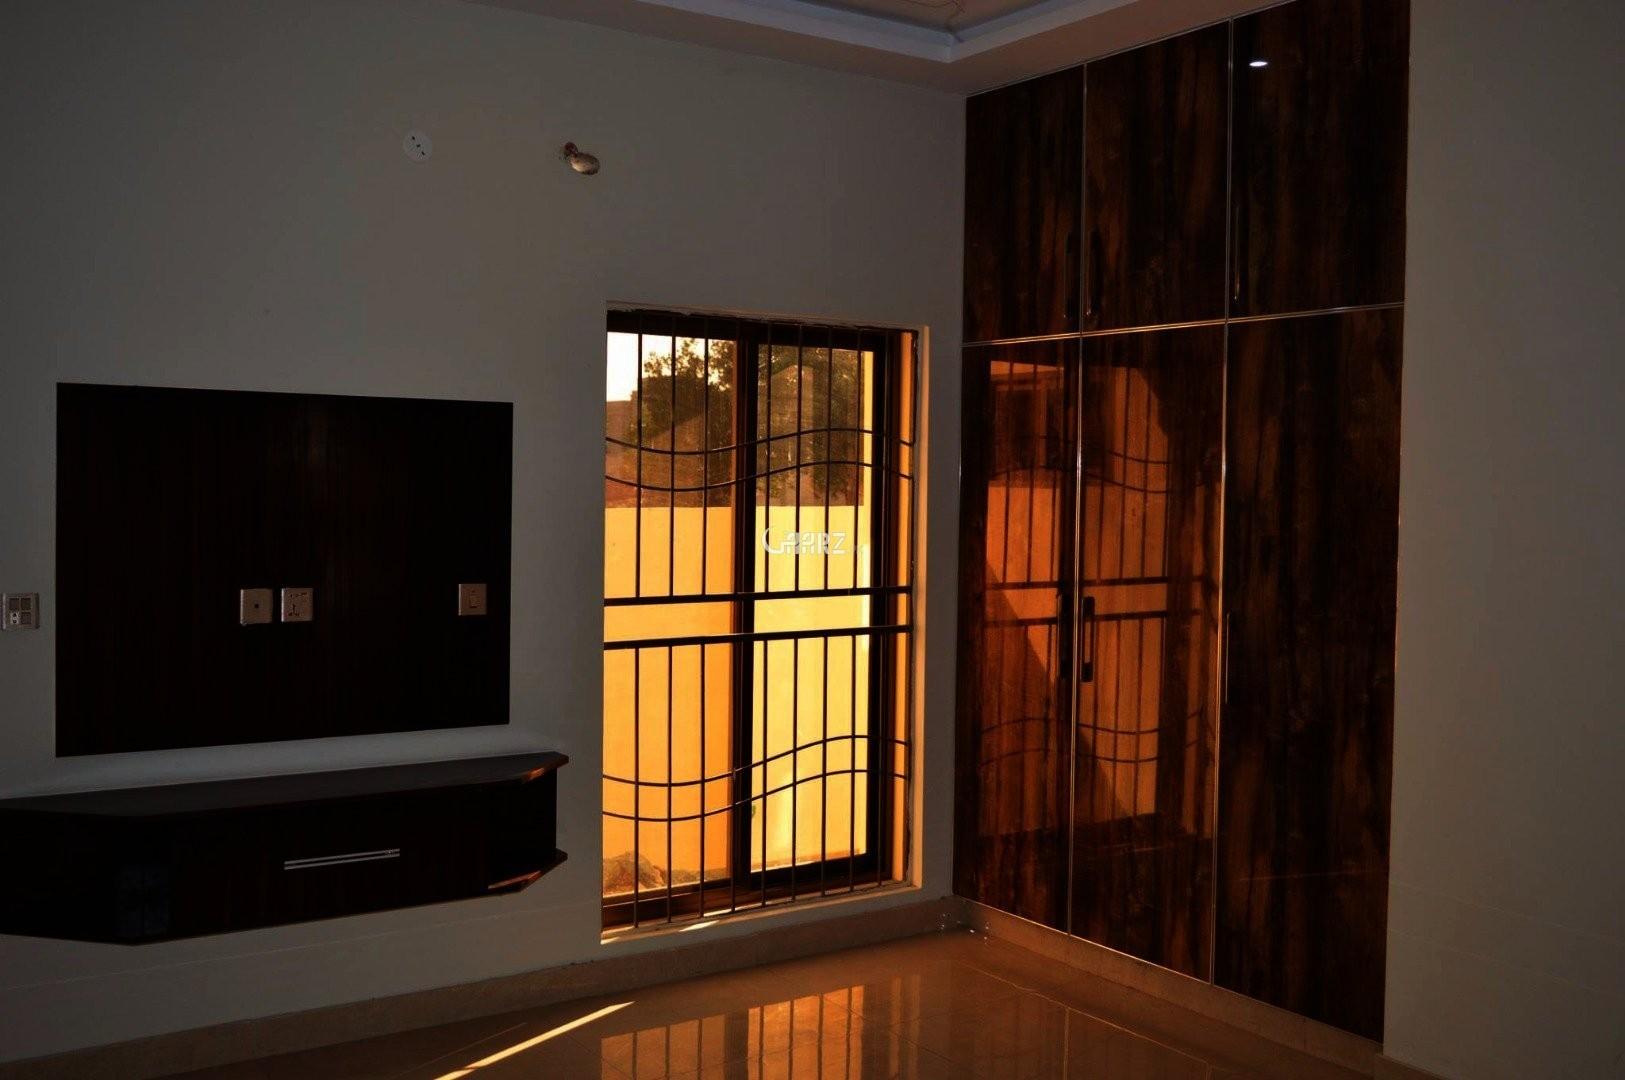 1 Kanal single storey for Rent in Lahore St John Park Cantt